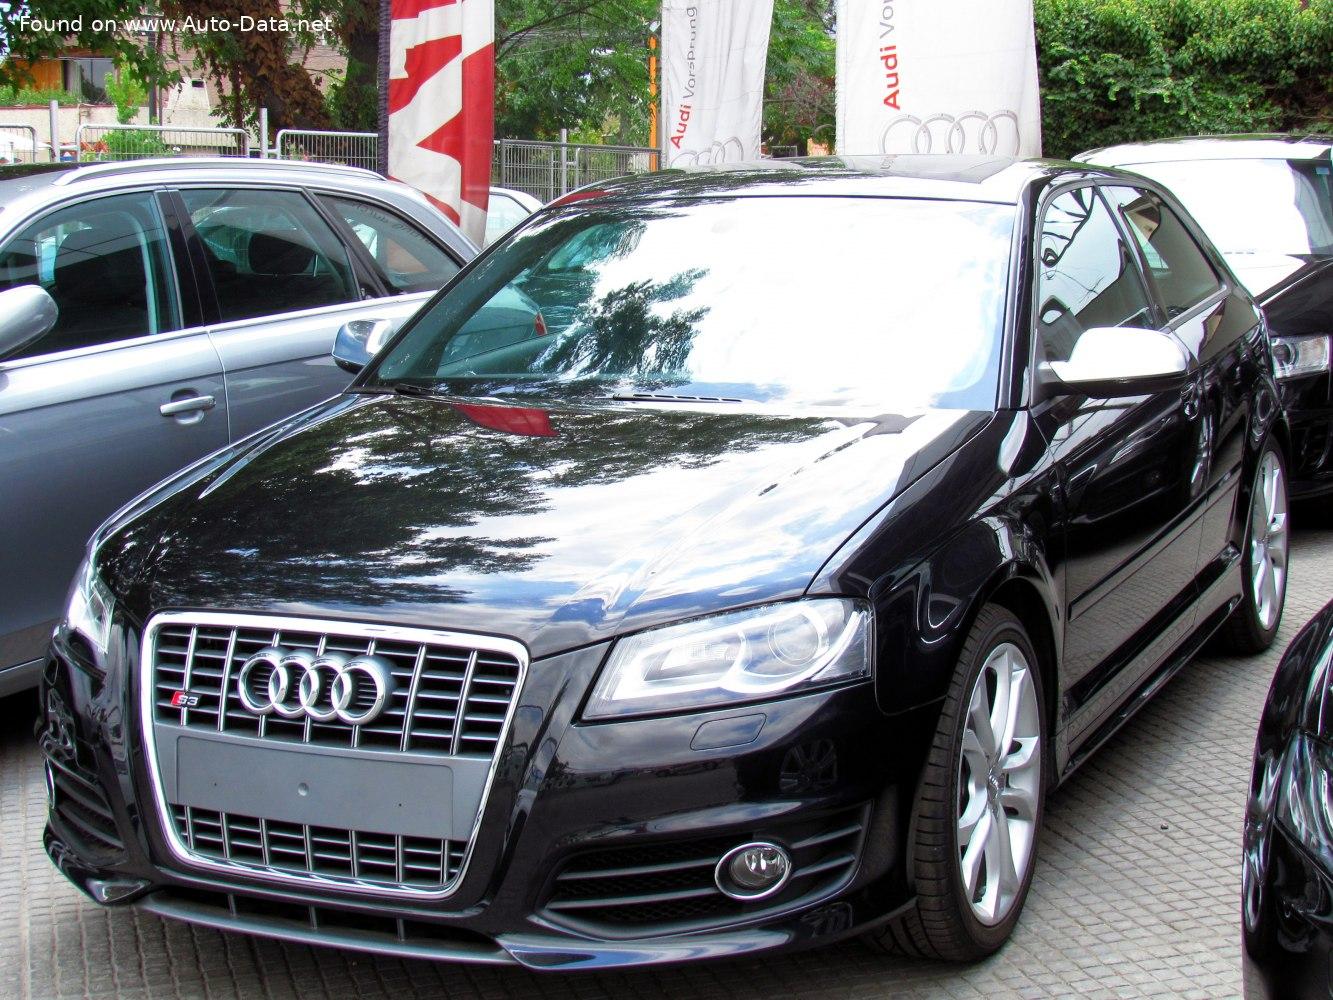 2008 Audi S3 (8P, facelift 2008) | Technical Specs, Fuel ...